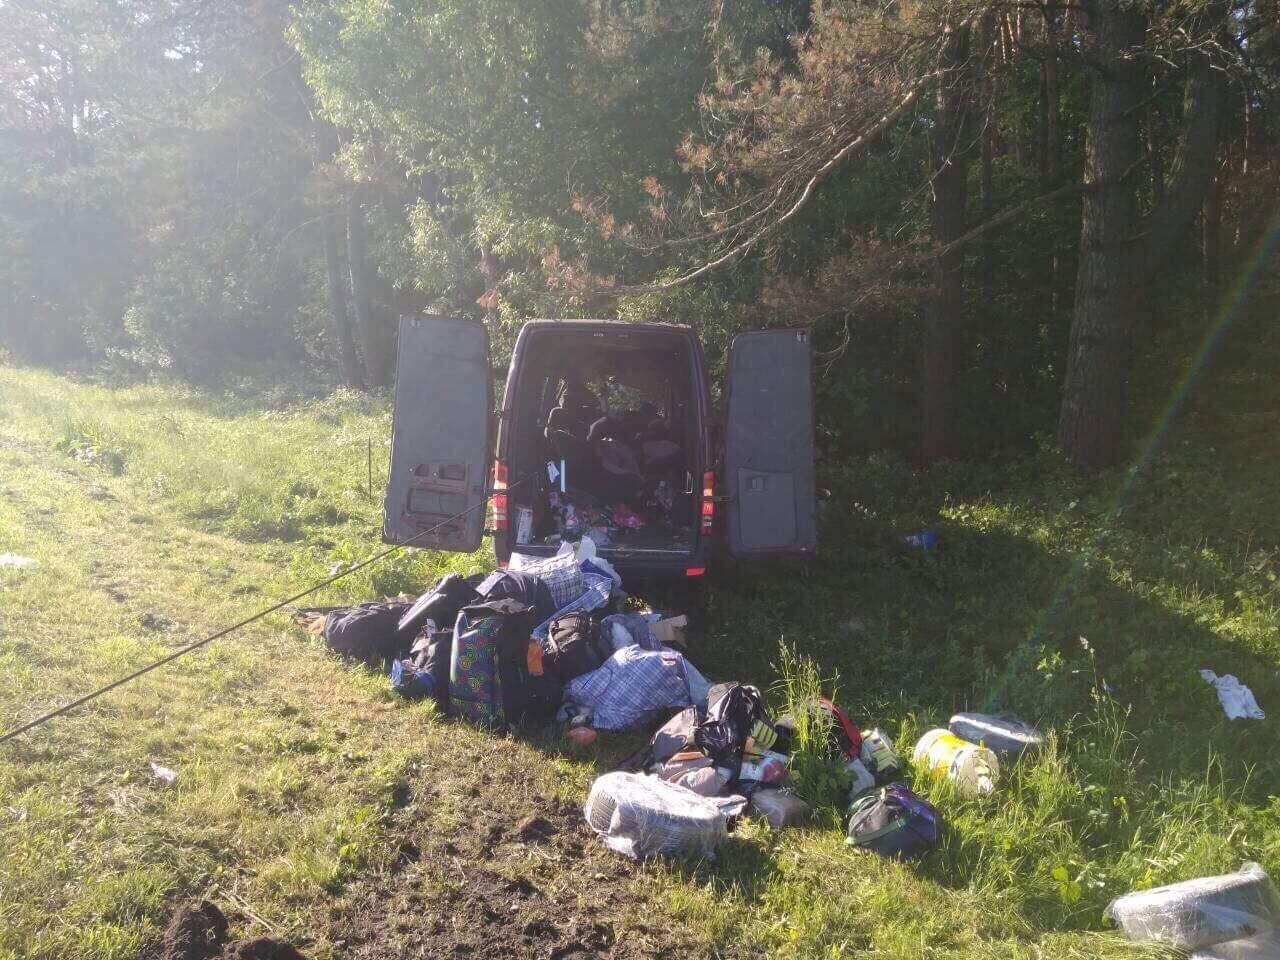 Їхали із заробітків: на Львівщині у ДТП загинули шестеро людей